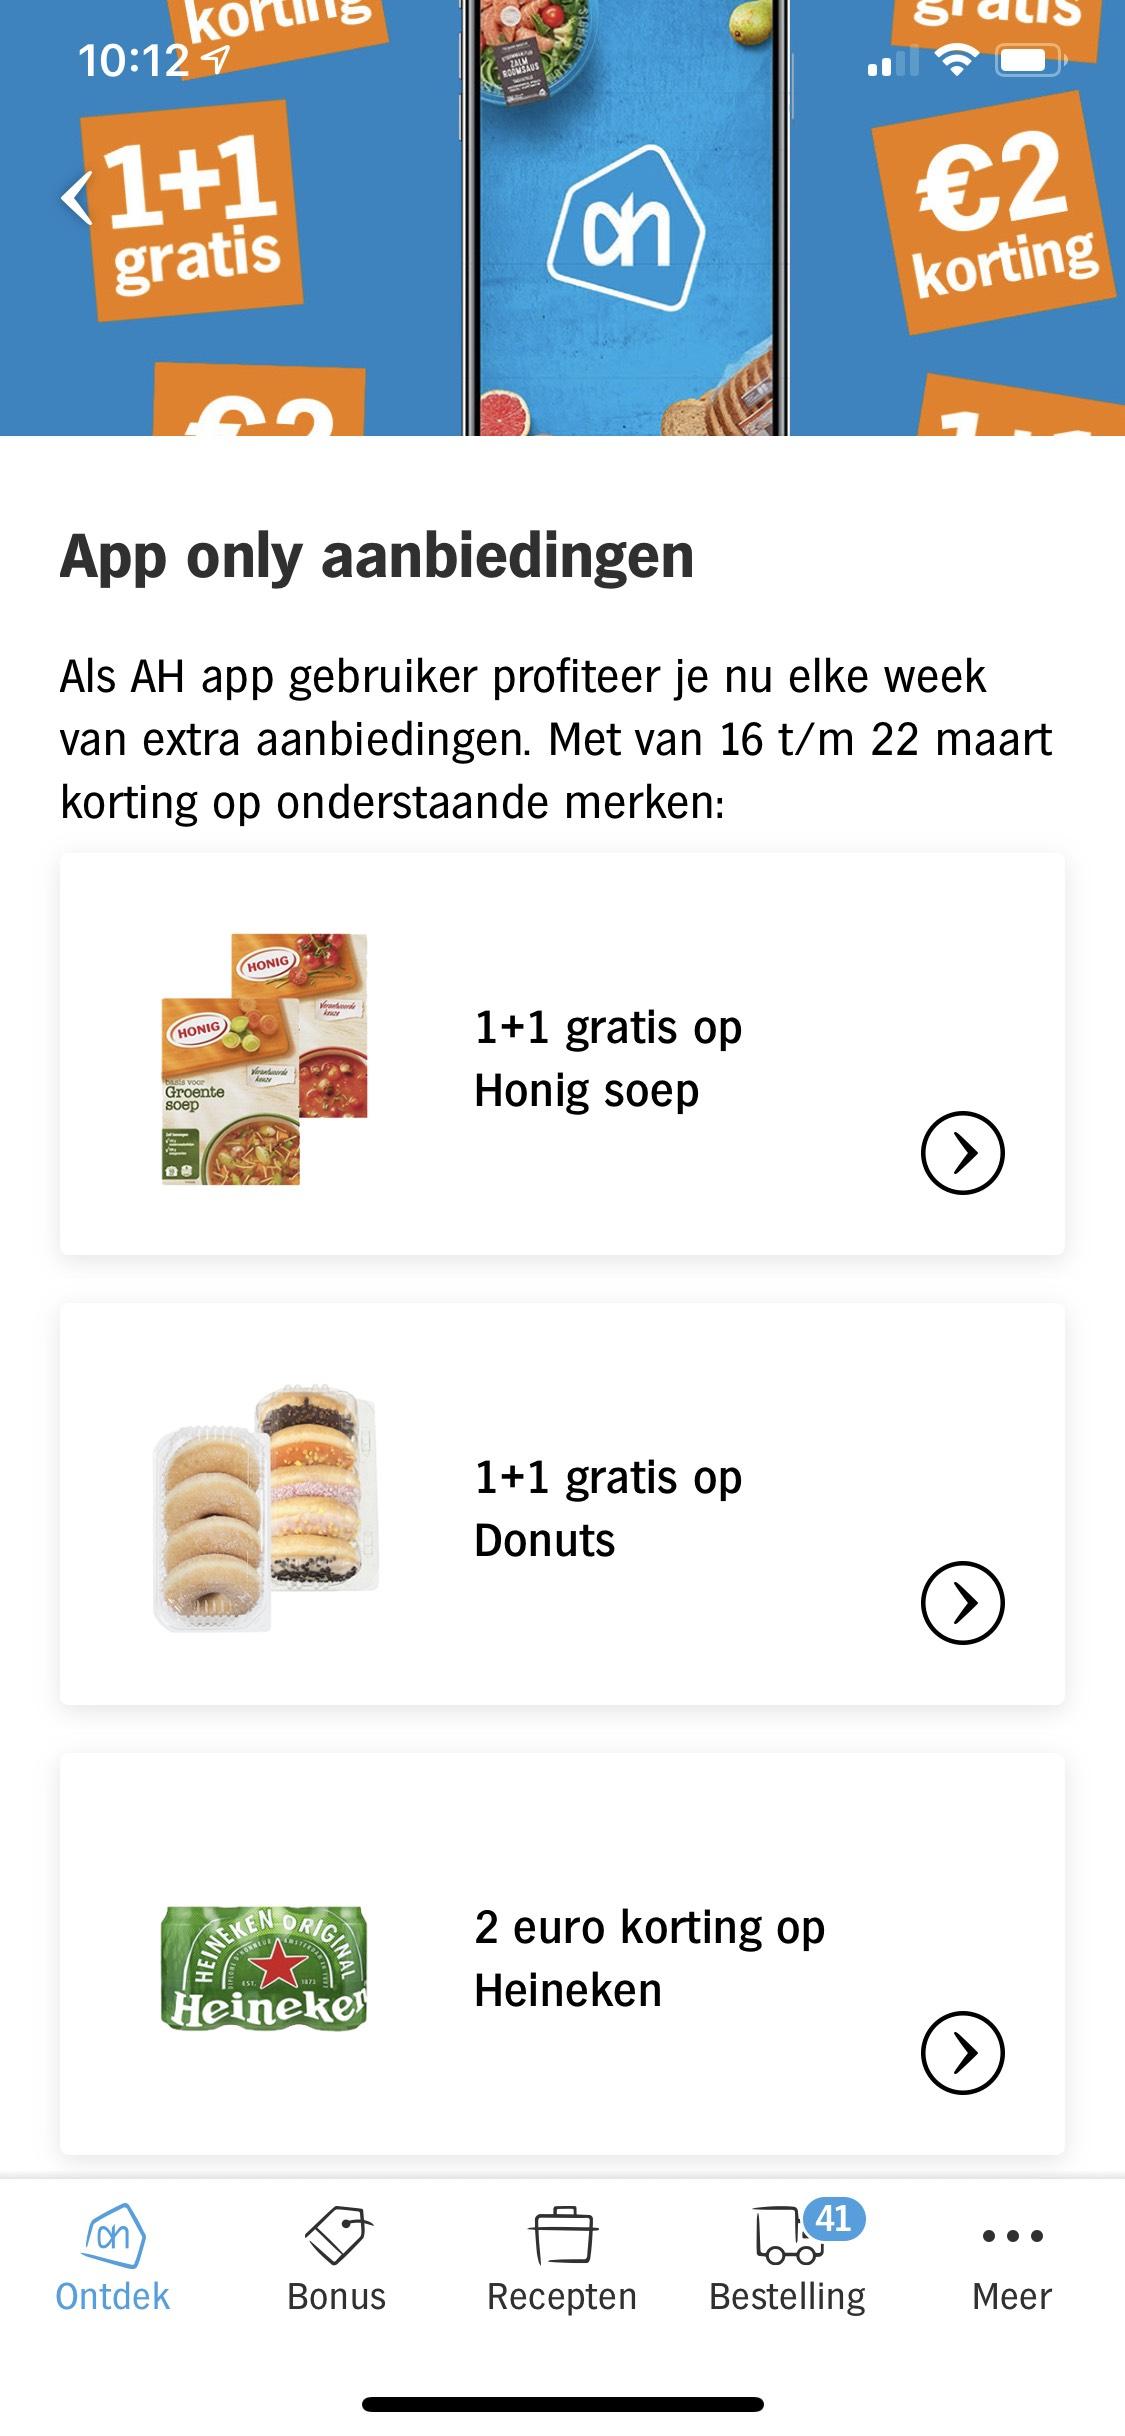 Albert Heijn App only aanbiedingen 17 tm 23 maart Honig soep - Donuts - Heineken